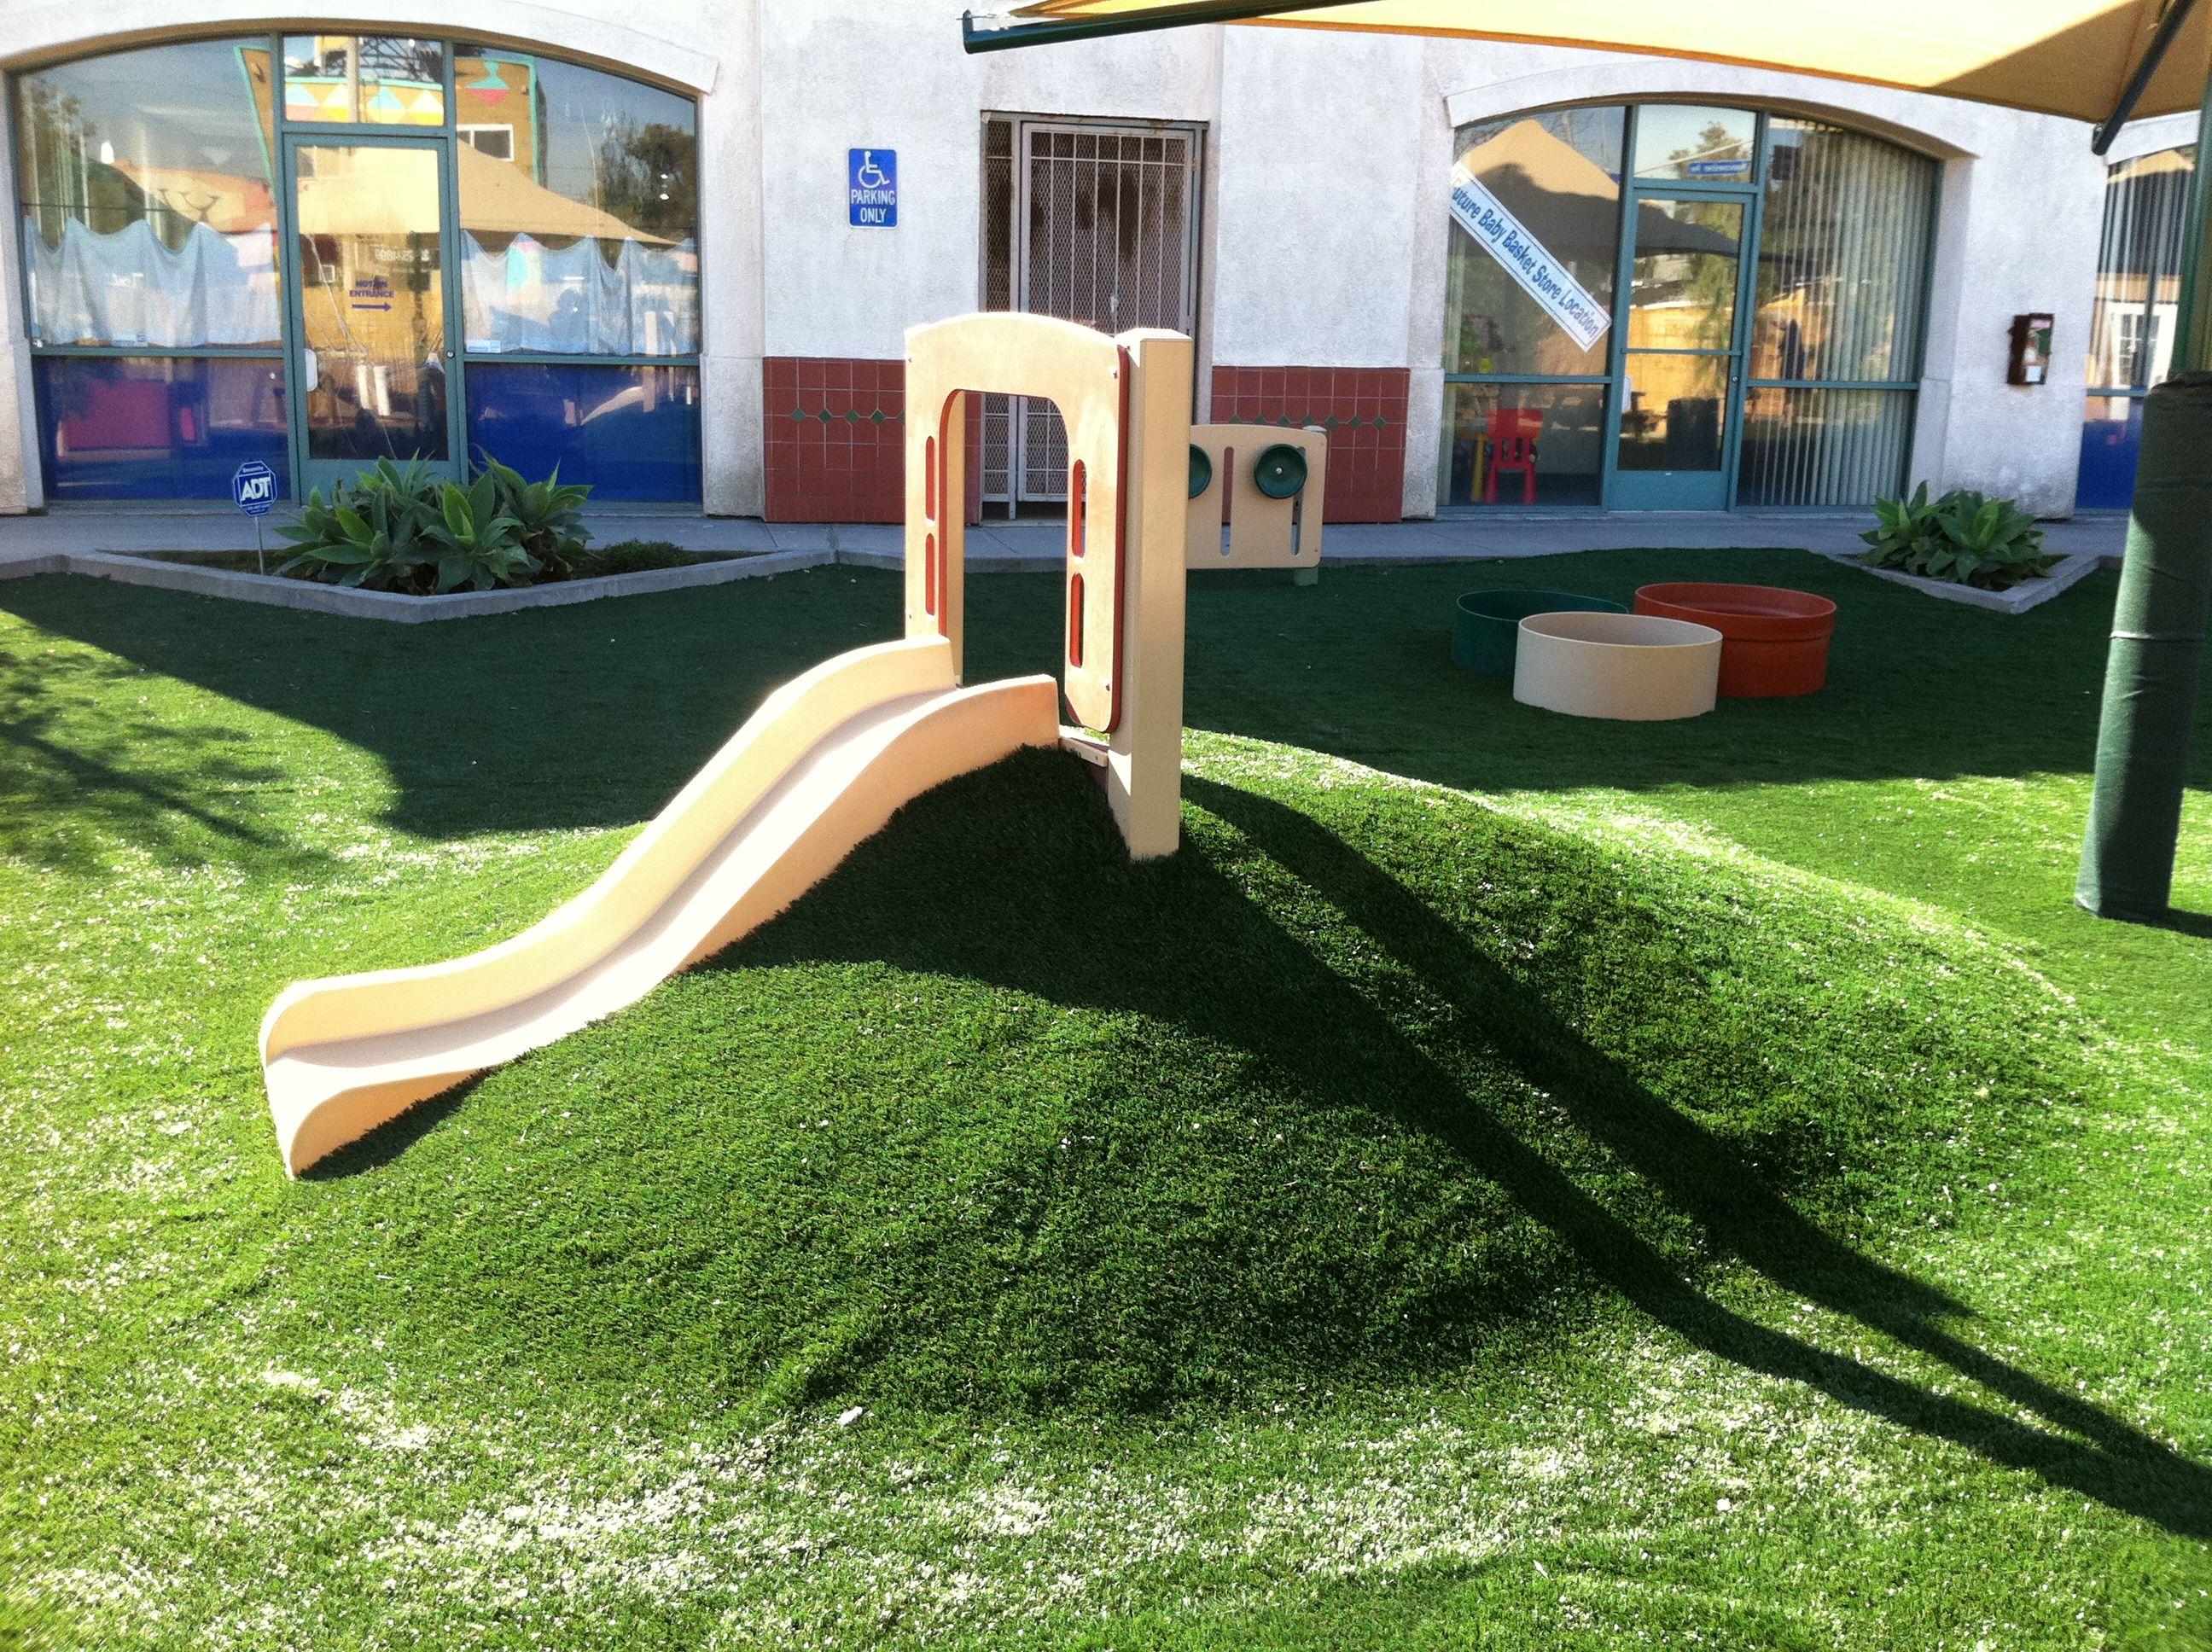 ohmygod. the coolest slide ever. Hill Slide